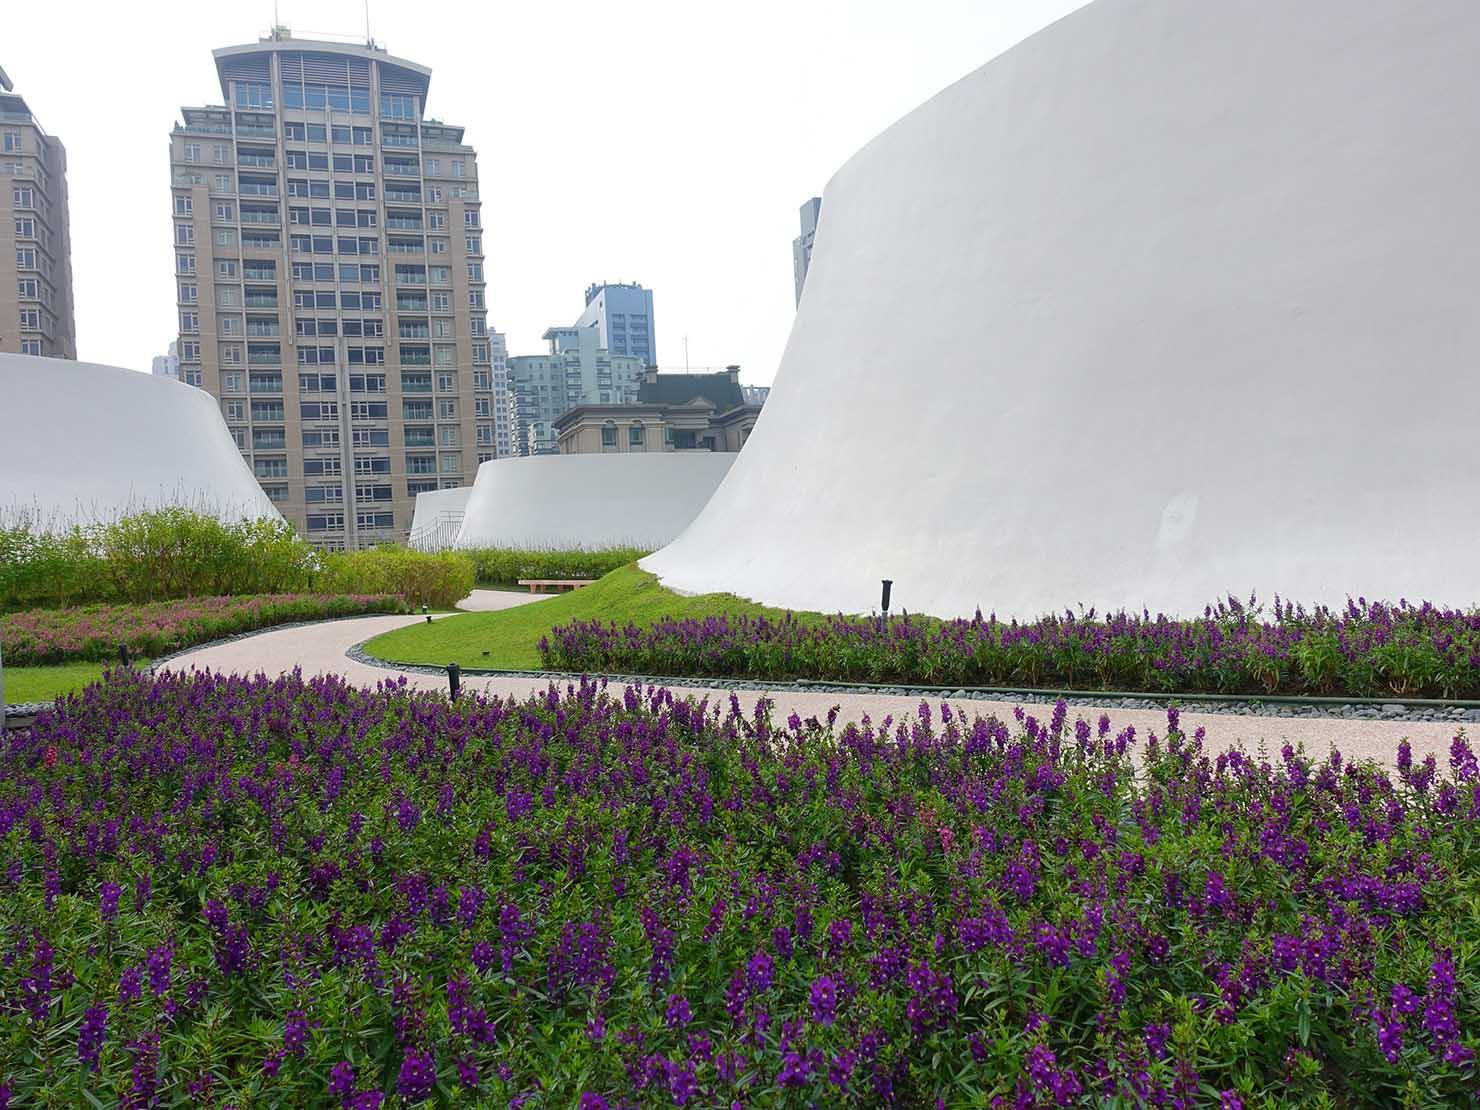 台中観光のおすすめスポット「台中歌劇院」の空中庭園